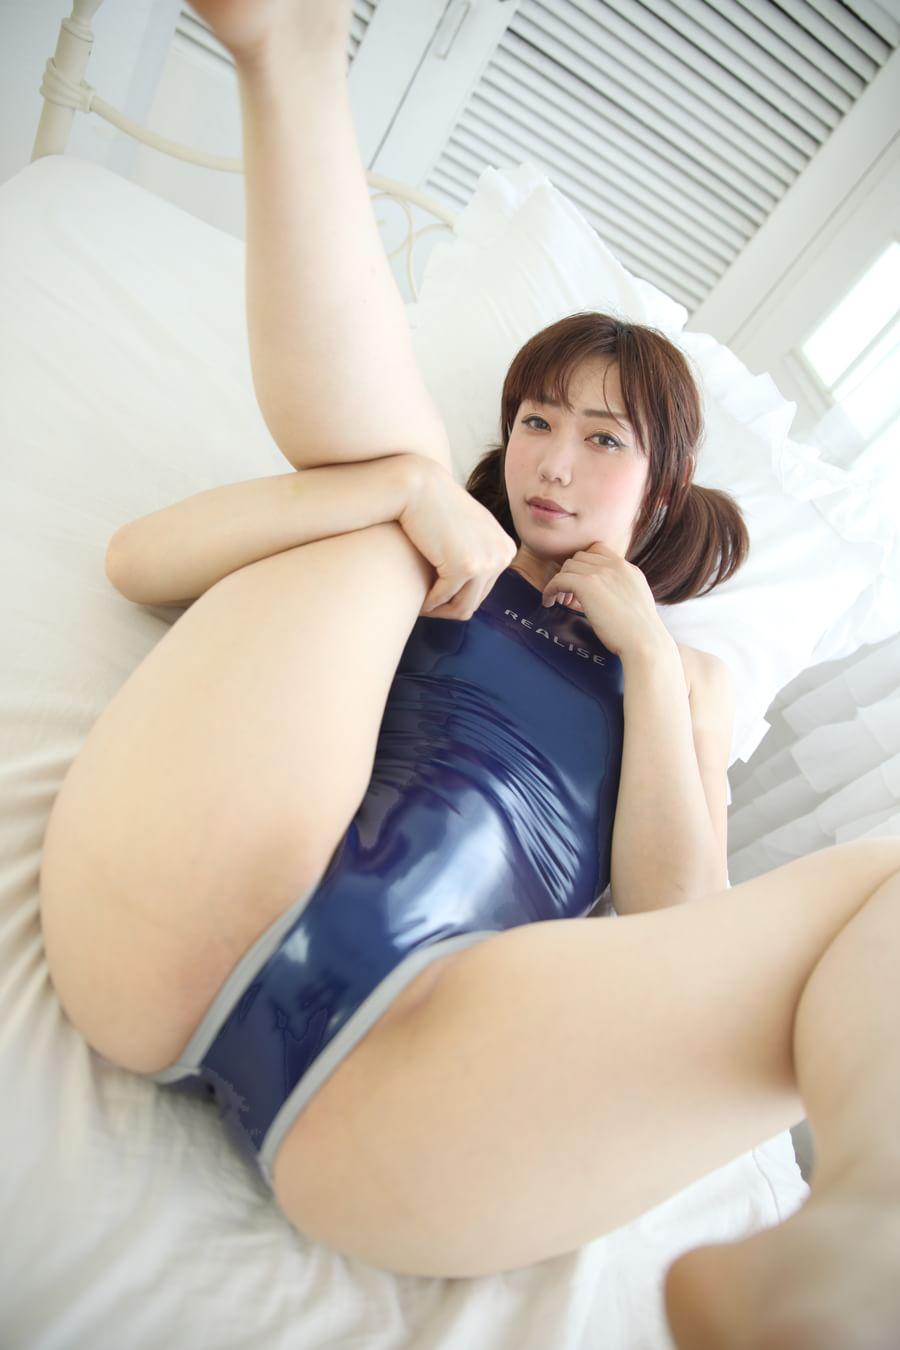 三次元 3次元 エロ画像 ベッド べっぴん娘通信 02